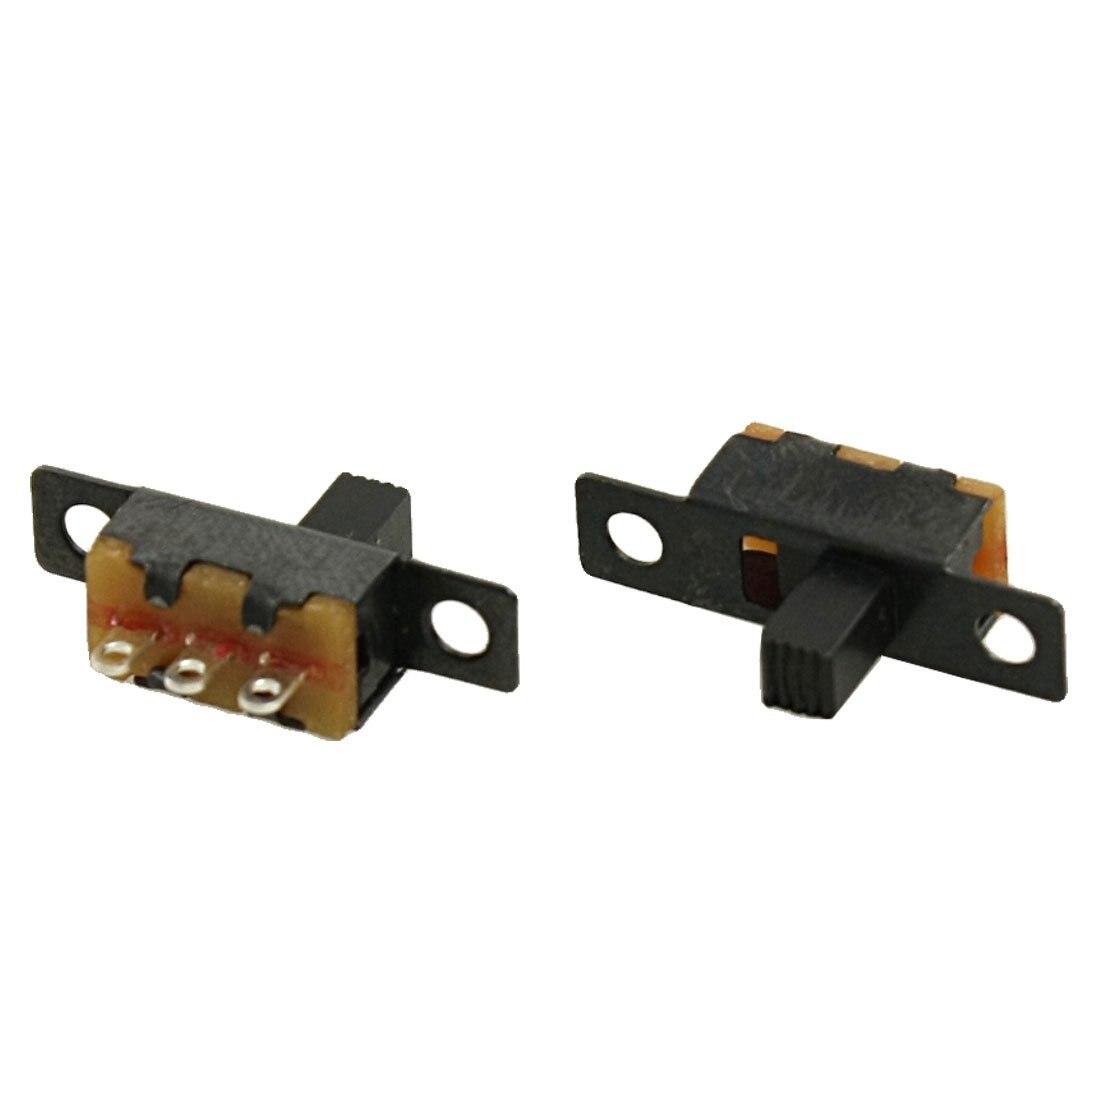 MYLB-5 шт с алюминиевой крышкой, 50В 0.5A 3 Pin 2 позиционный Выключатель вкл/выкл 1P2T SPDT ползунковый Переключатель 3 Pin